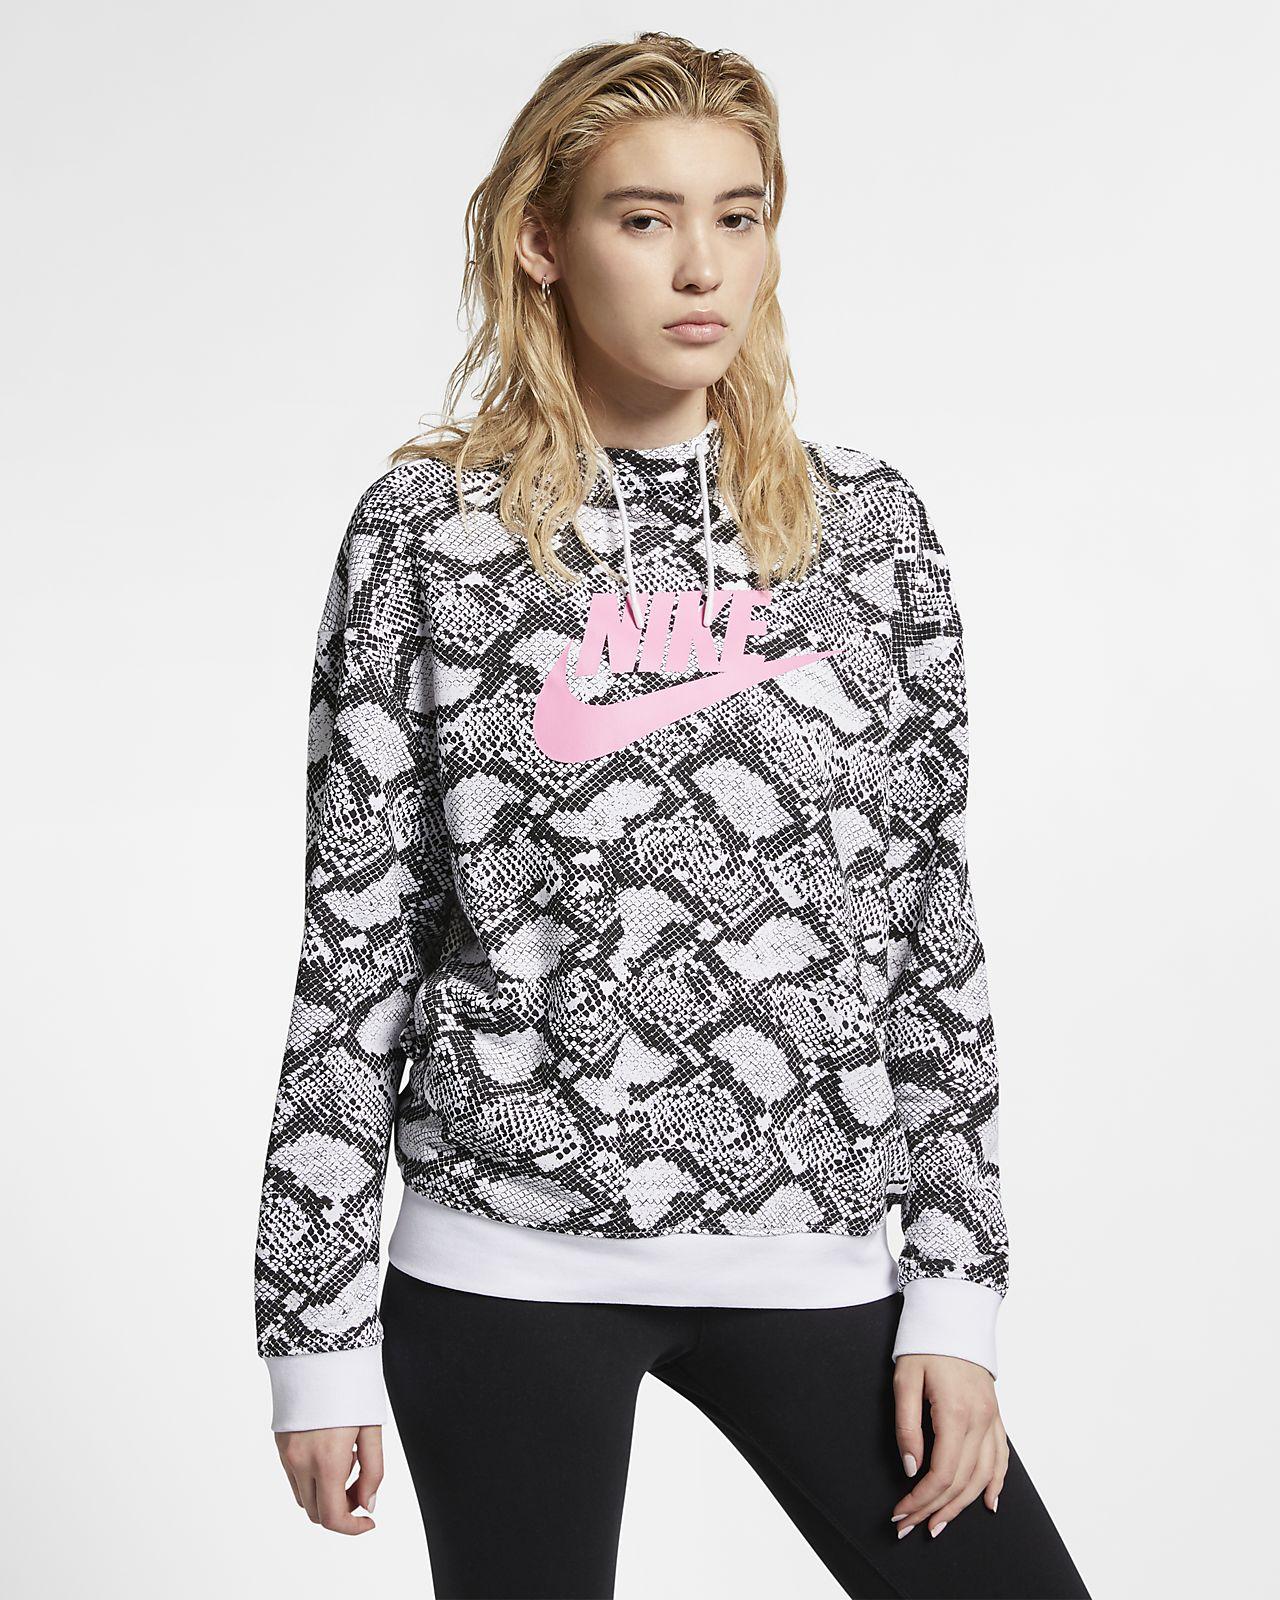 Sudadera con capucha de estampado animal para mujer Nike Sportswear